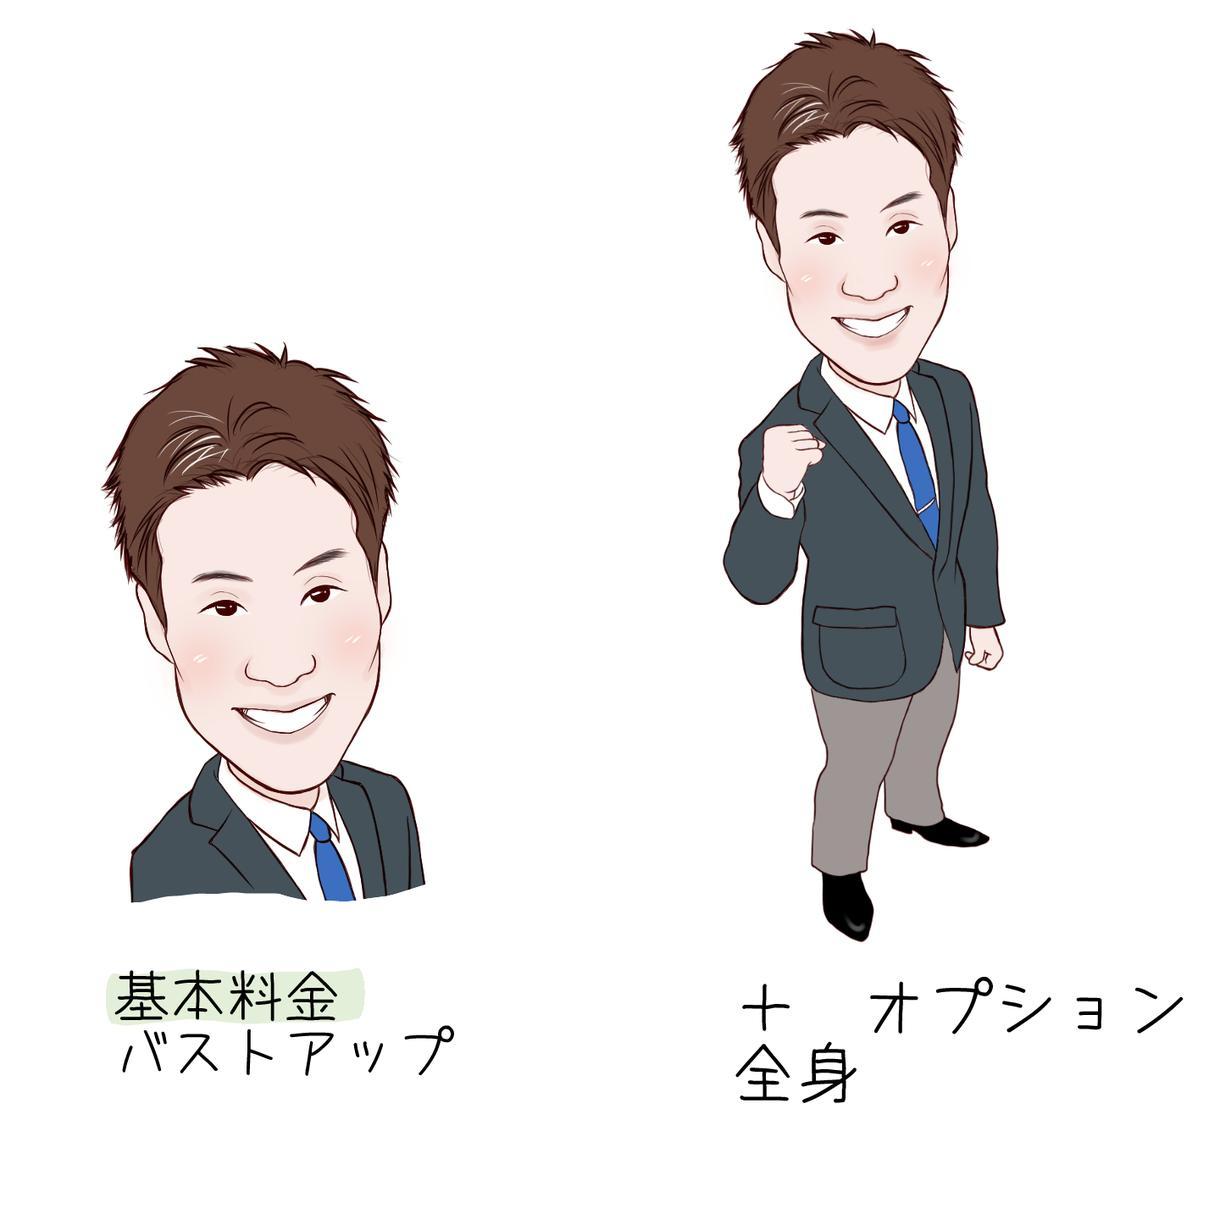 名刺やSNSアイコン用に2~3頭身の似顔絵描きます お写真をもとに、やさしいタッチで!